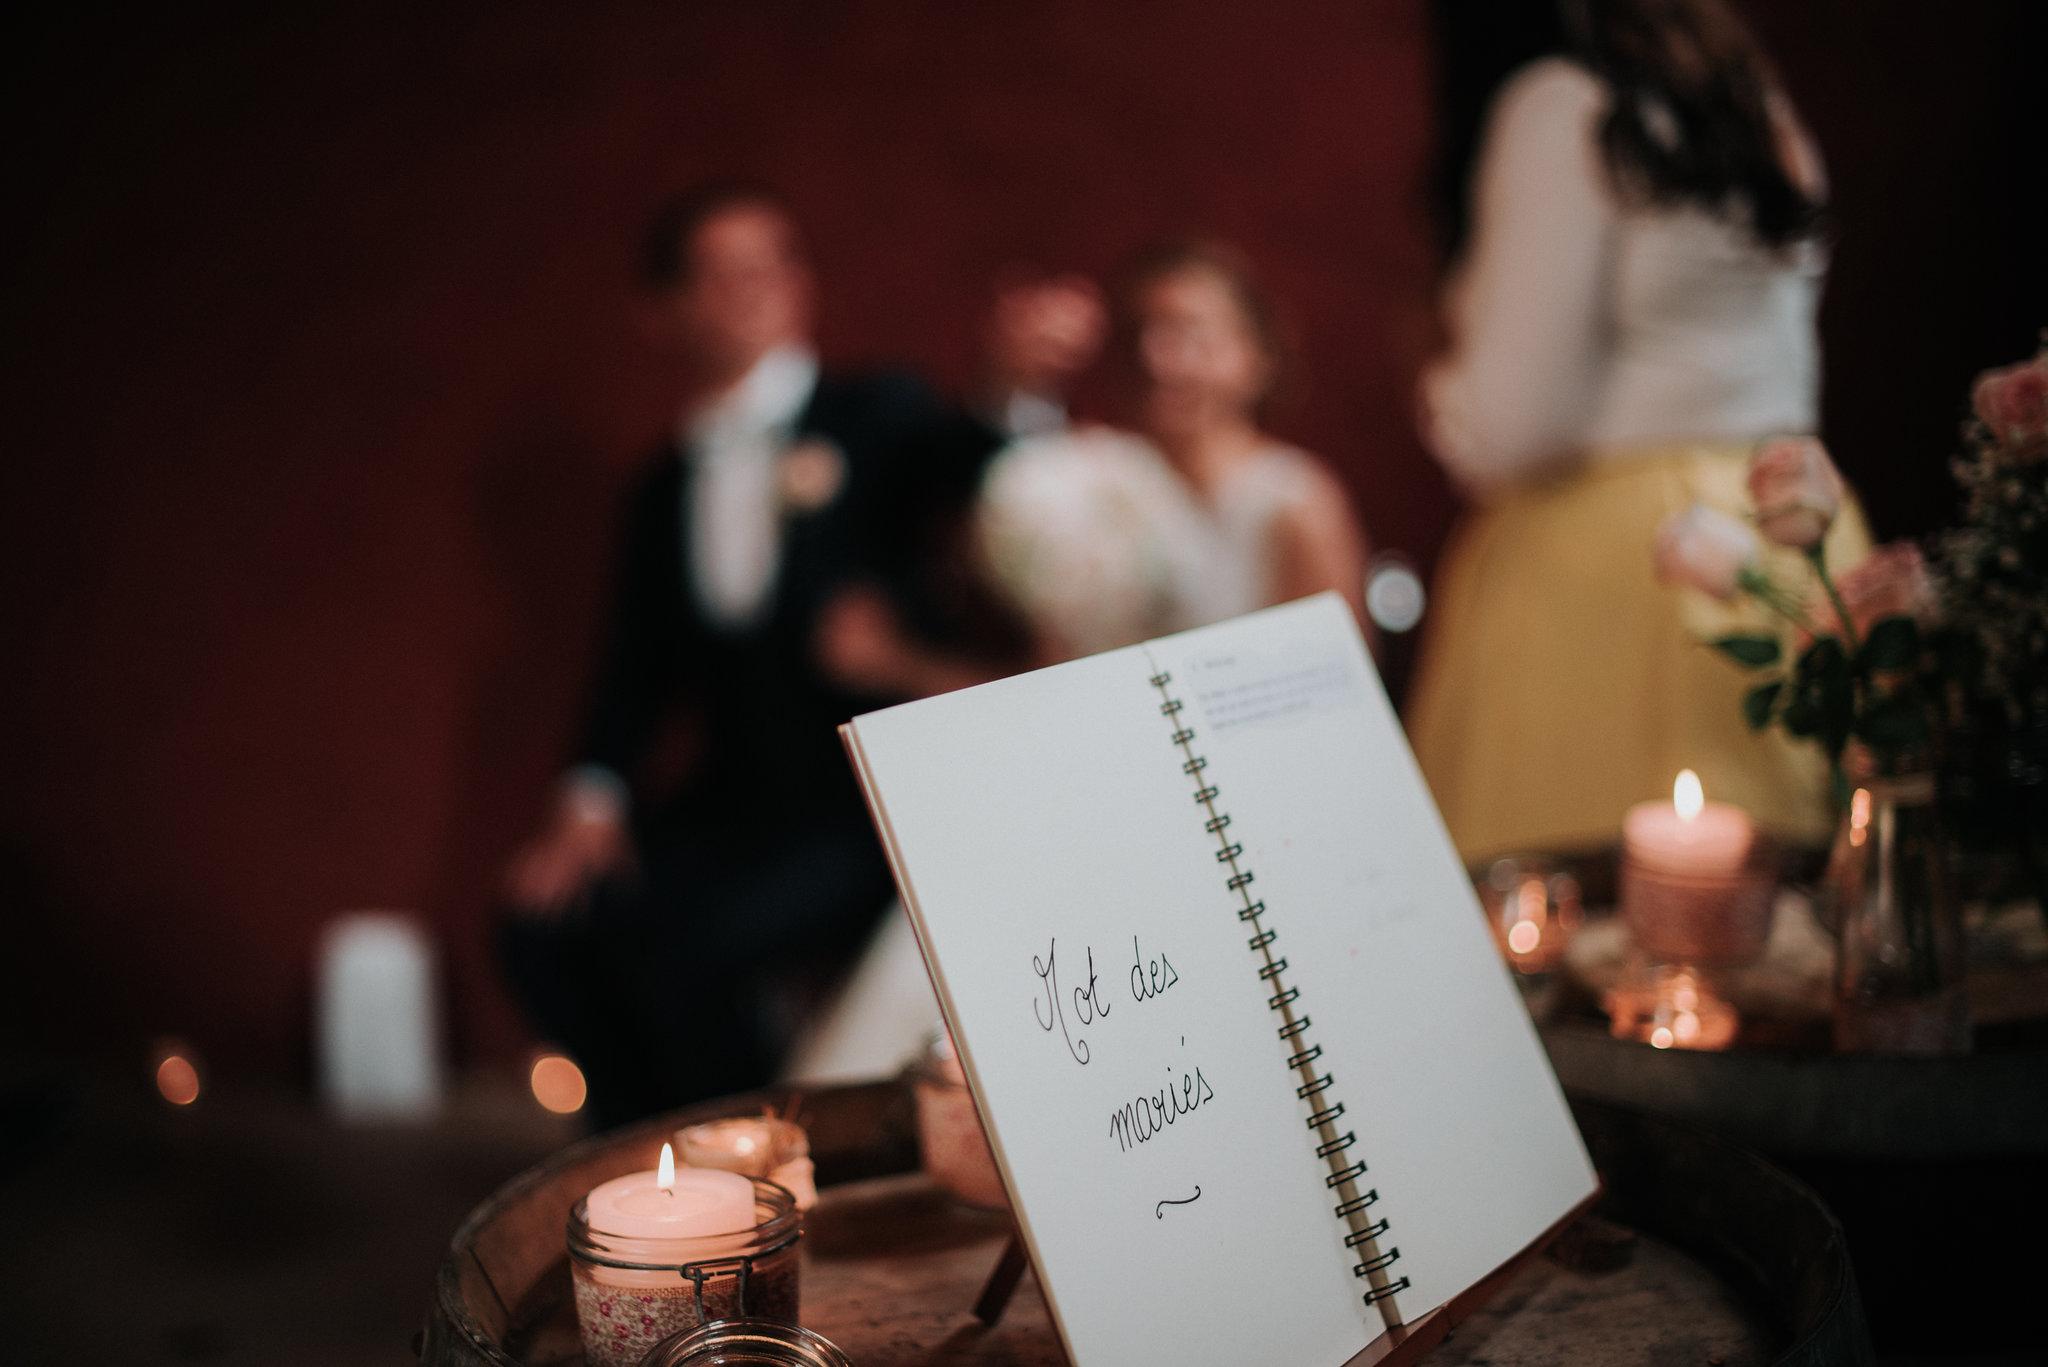 Léa-Fery-photographe-professionnel-lyon-rhone-alpes-portrait-creation-mariage-evenement-evenementiel-famille-2391.jpg